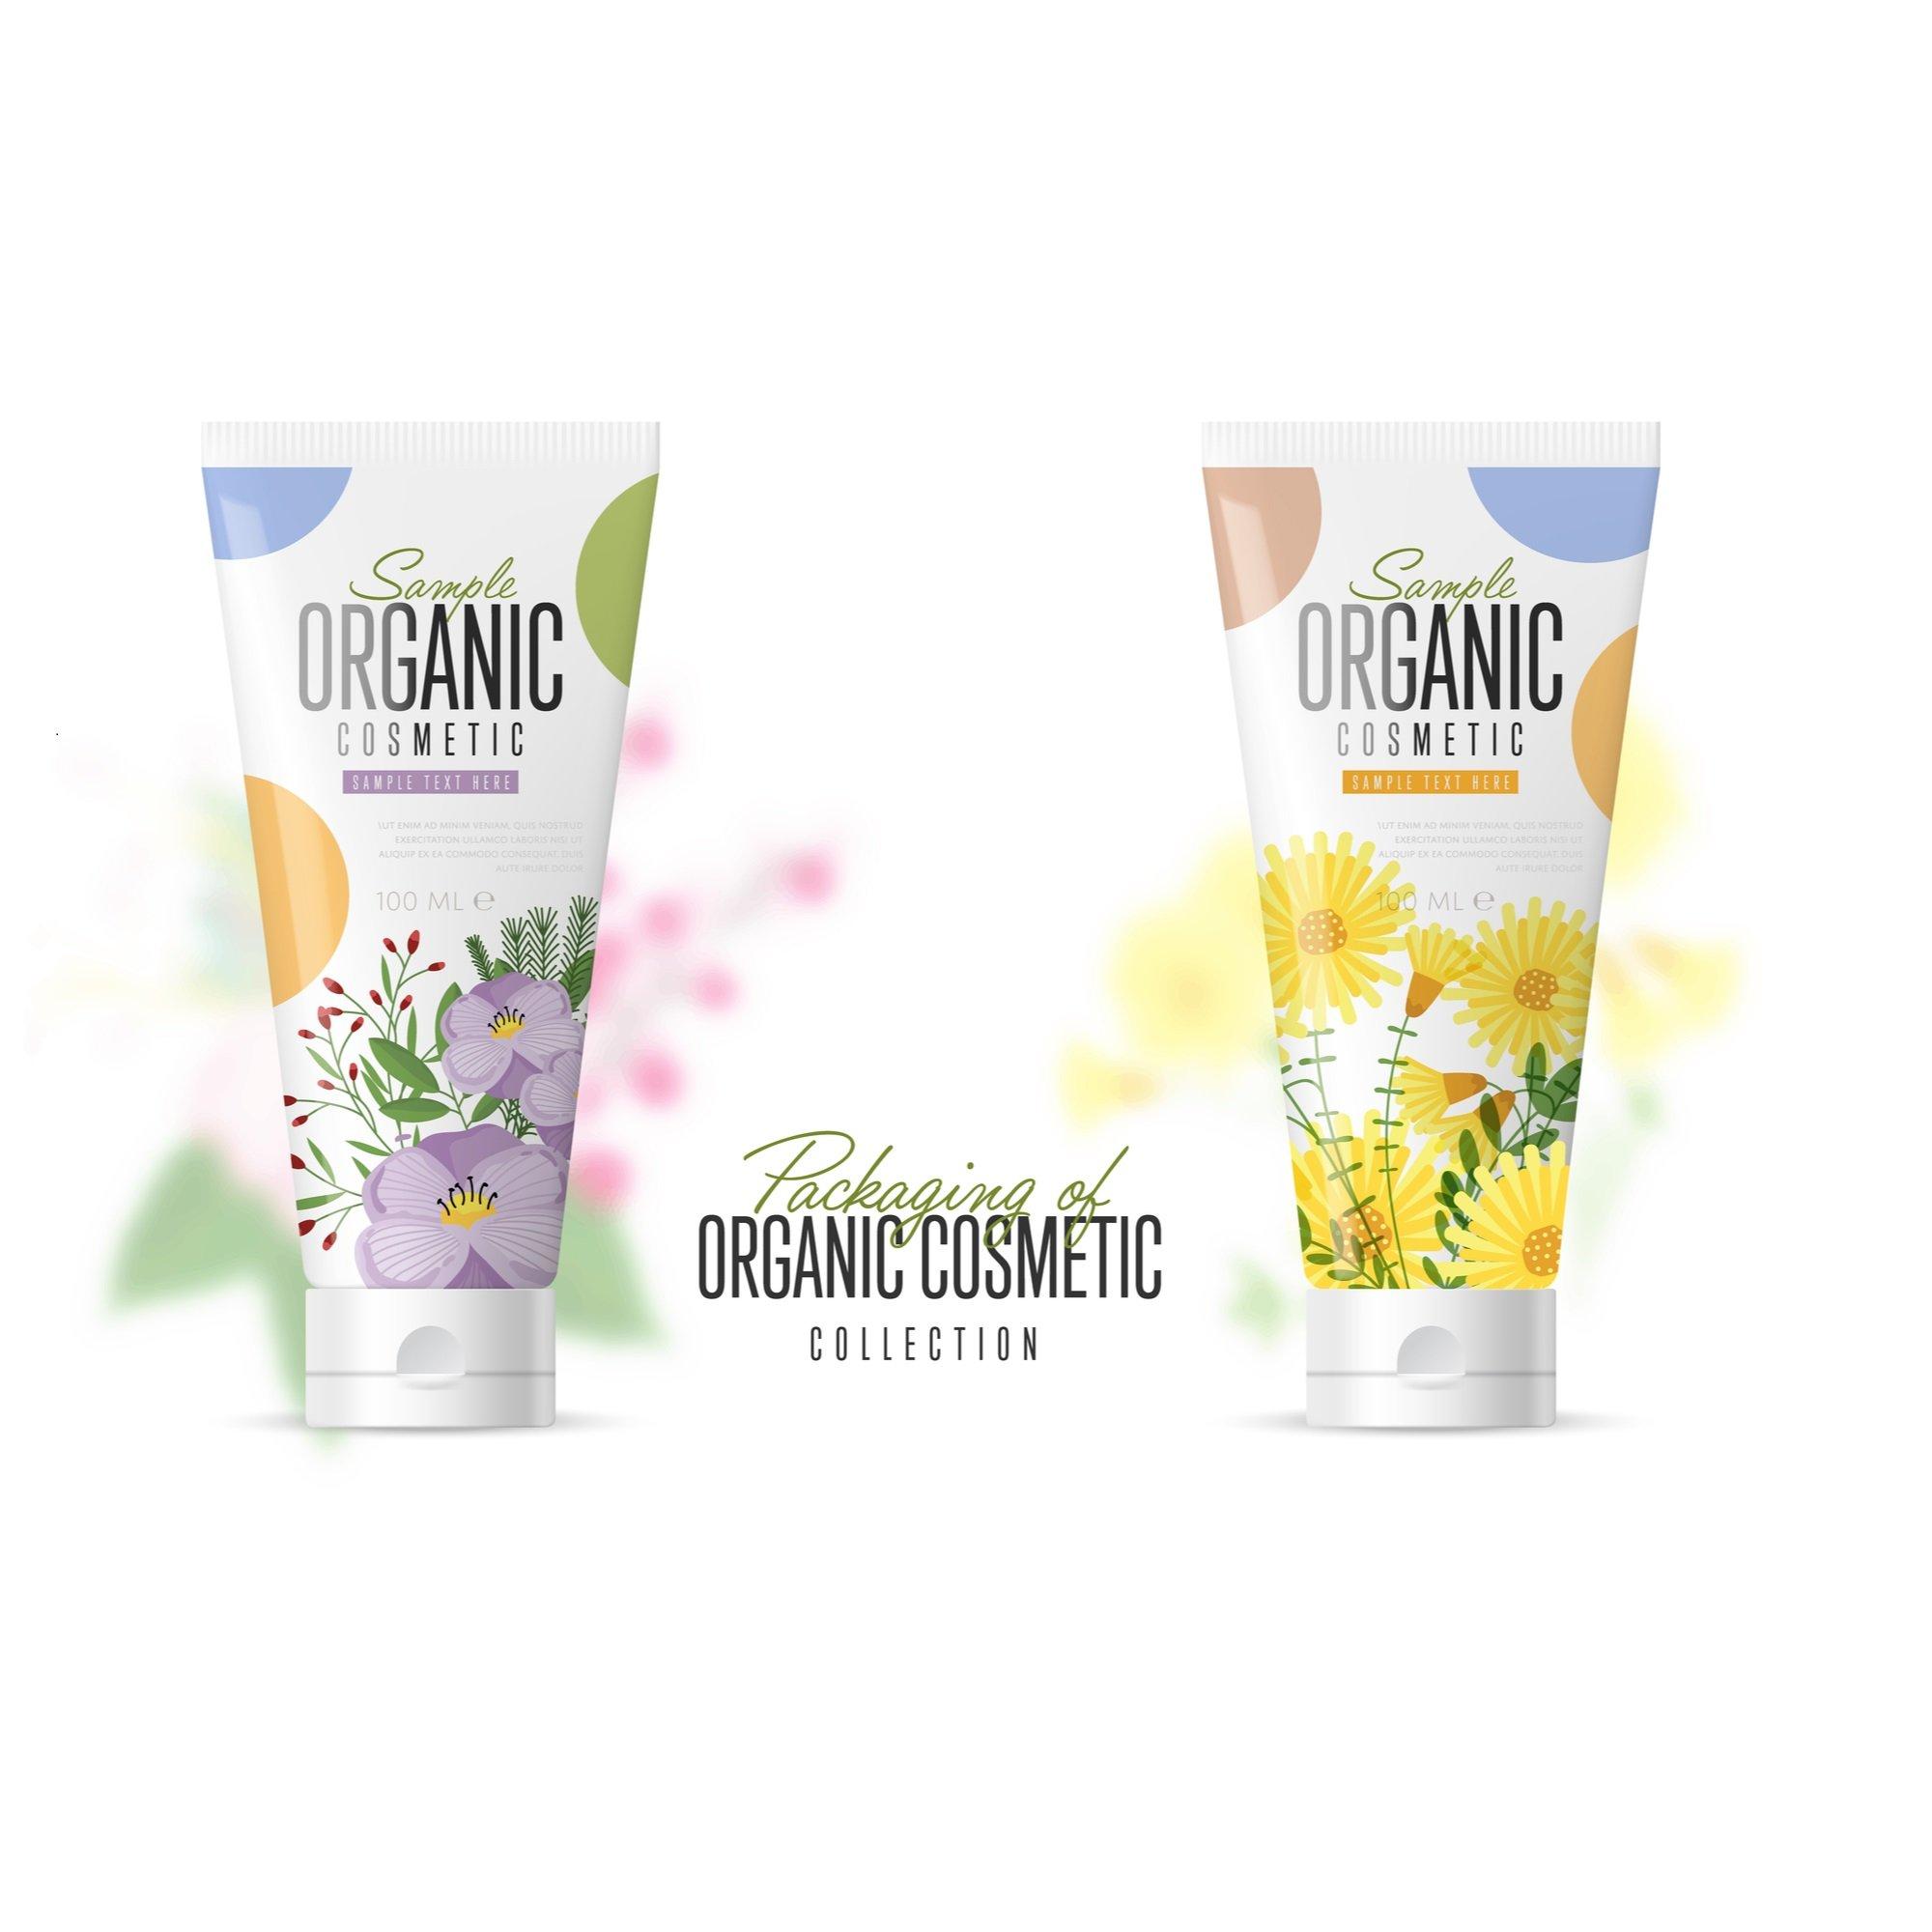 VerpackungsDesign Bio Kosmetik